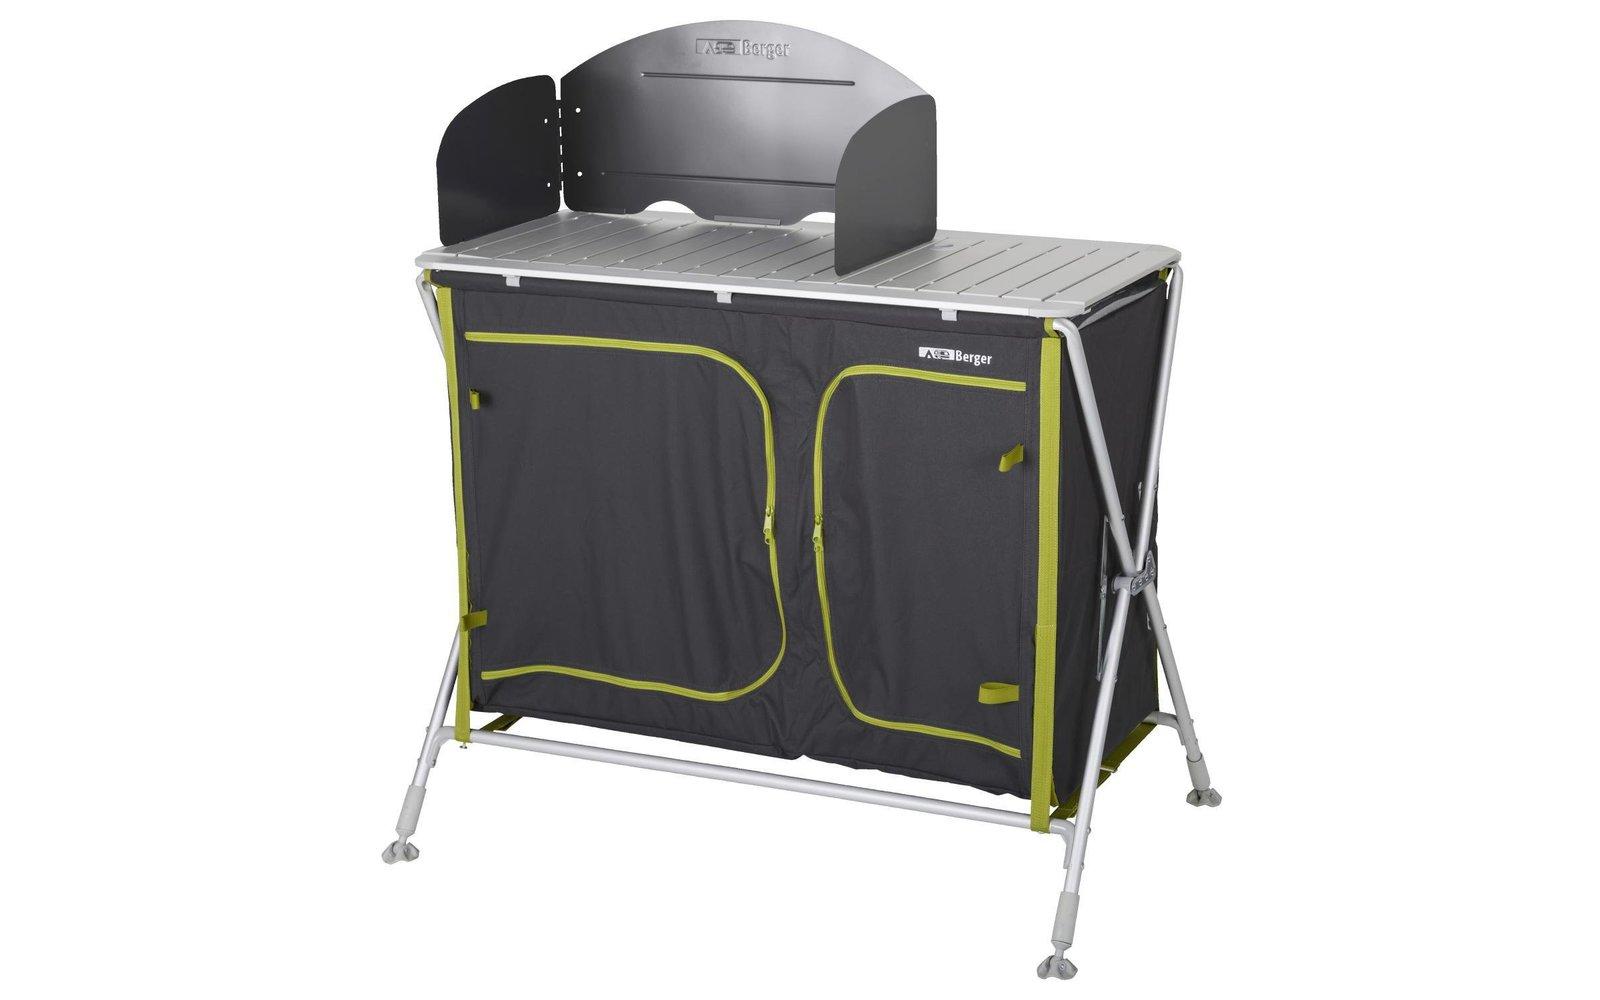 Küchenbox Mit Spüle ~ berger campingküche pablo mit spüle fritz berger campingbedarf